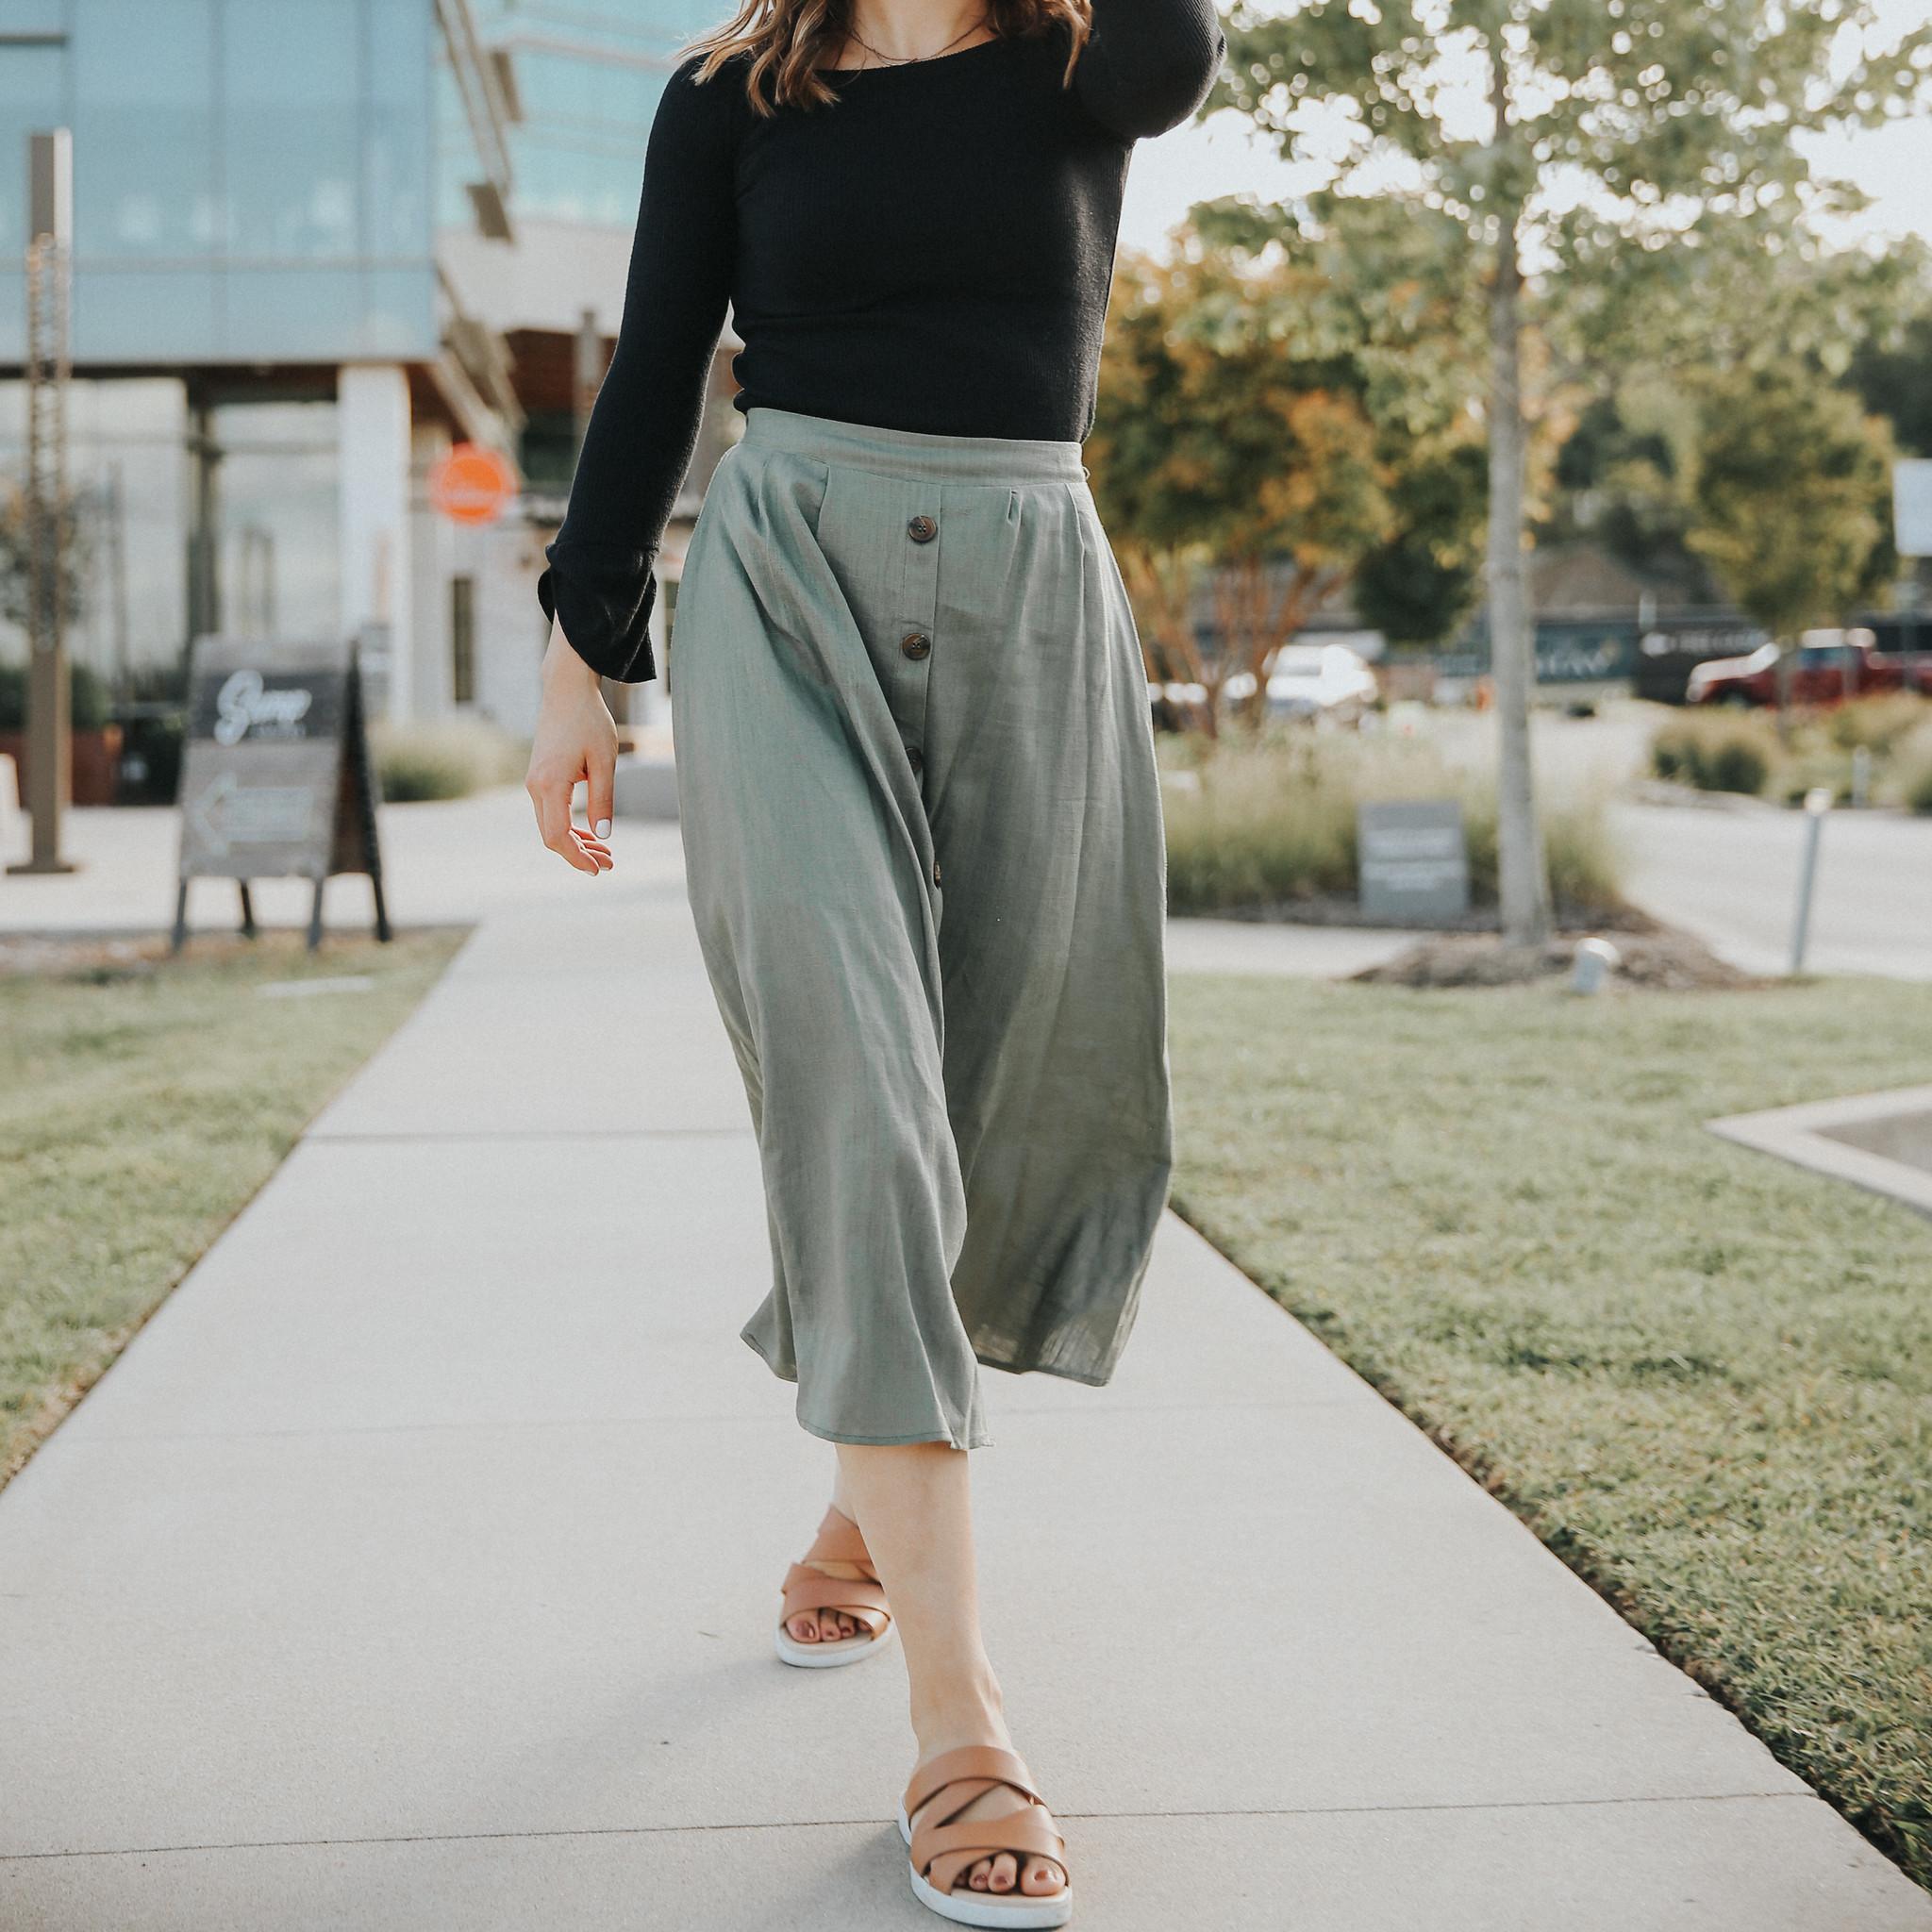 womens boutique outfit nashville.jpg